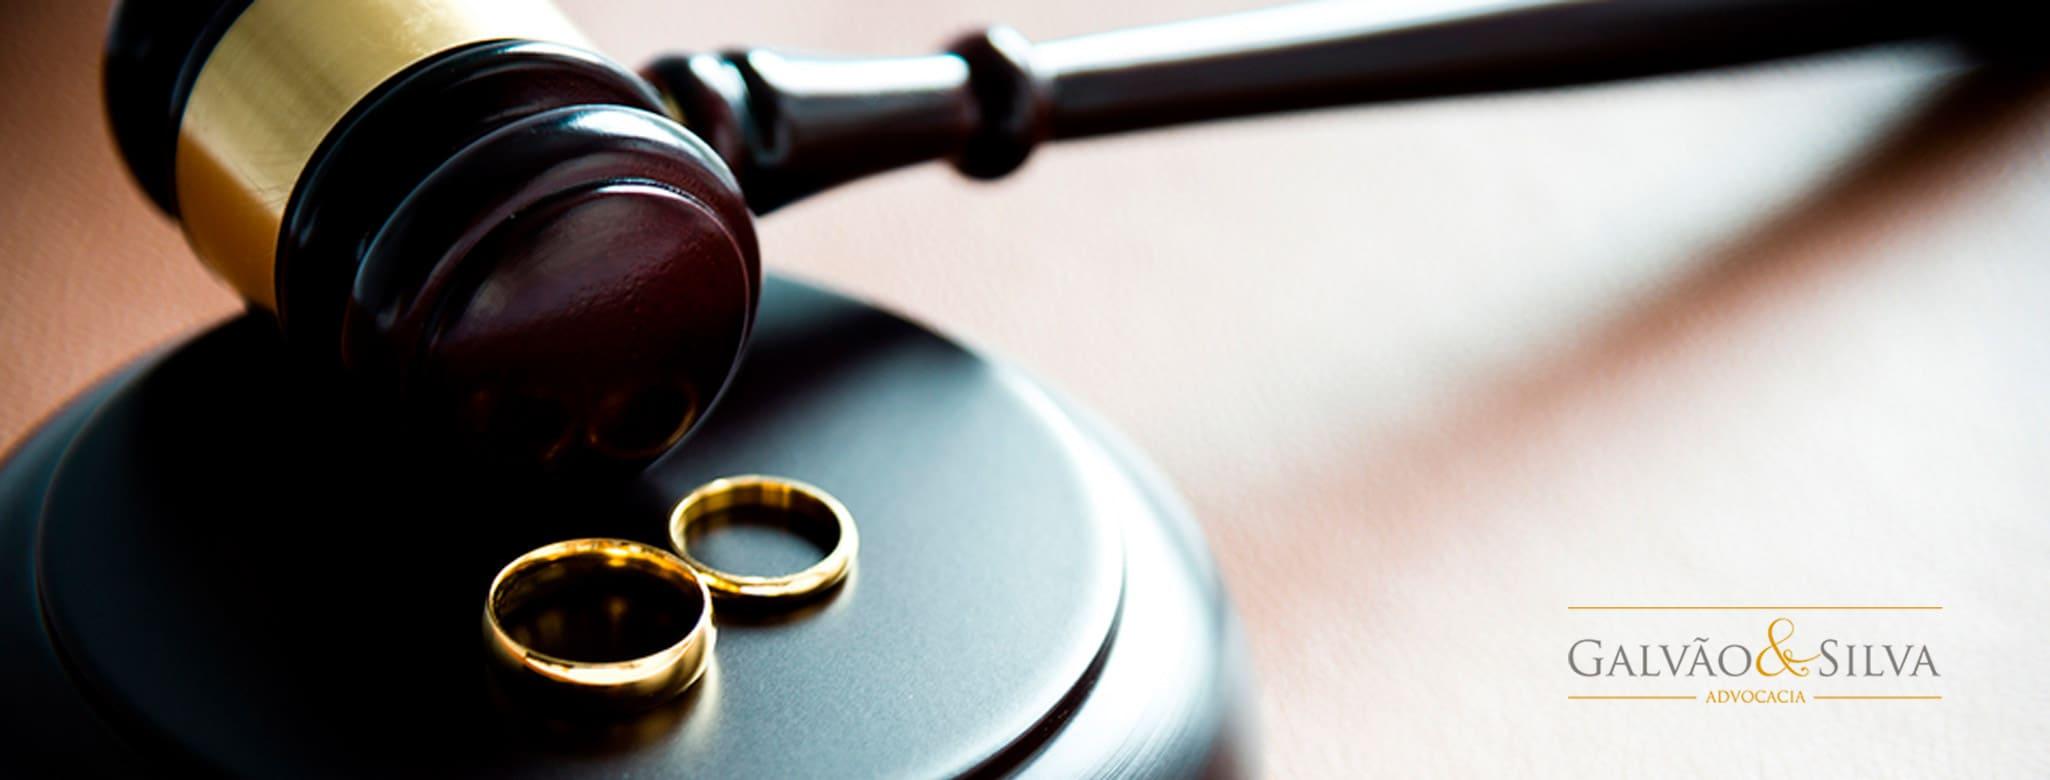 Divórcio litigioso, consensual e pensão alimentícia